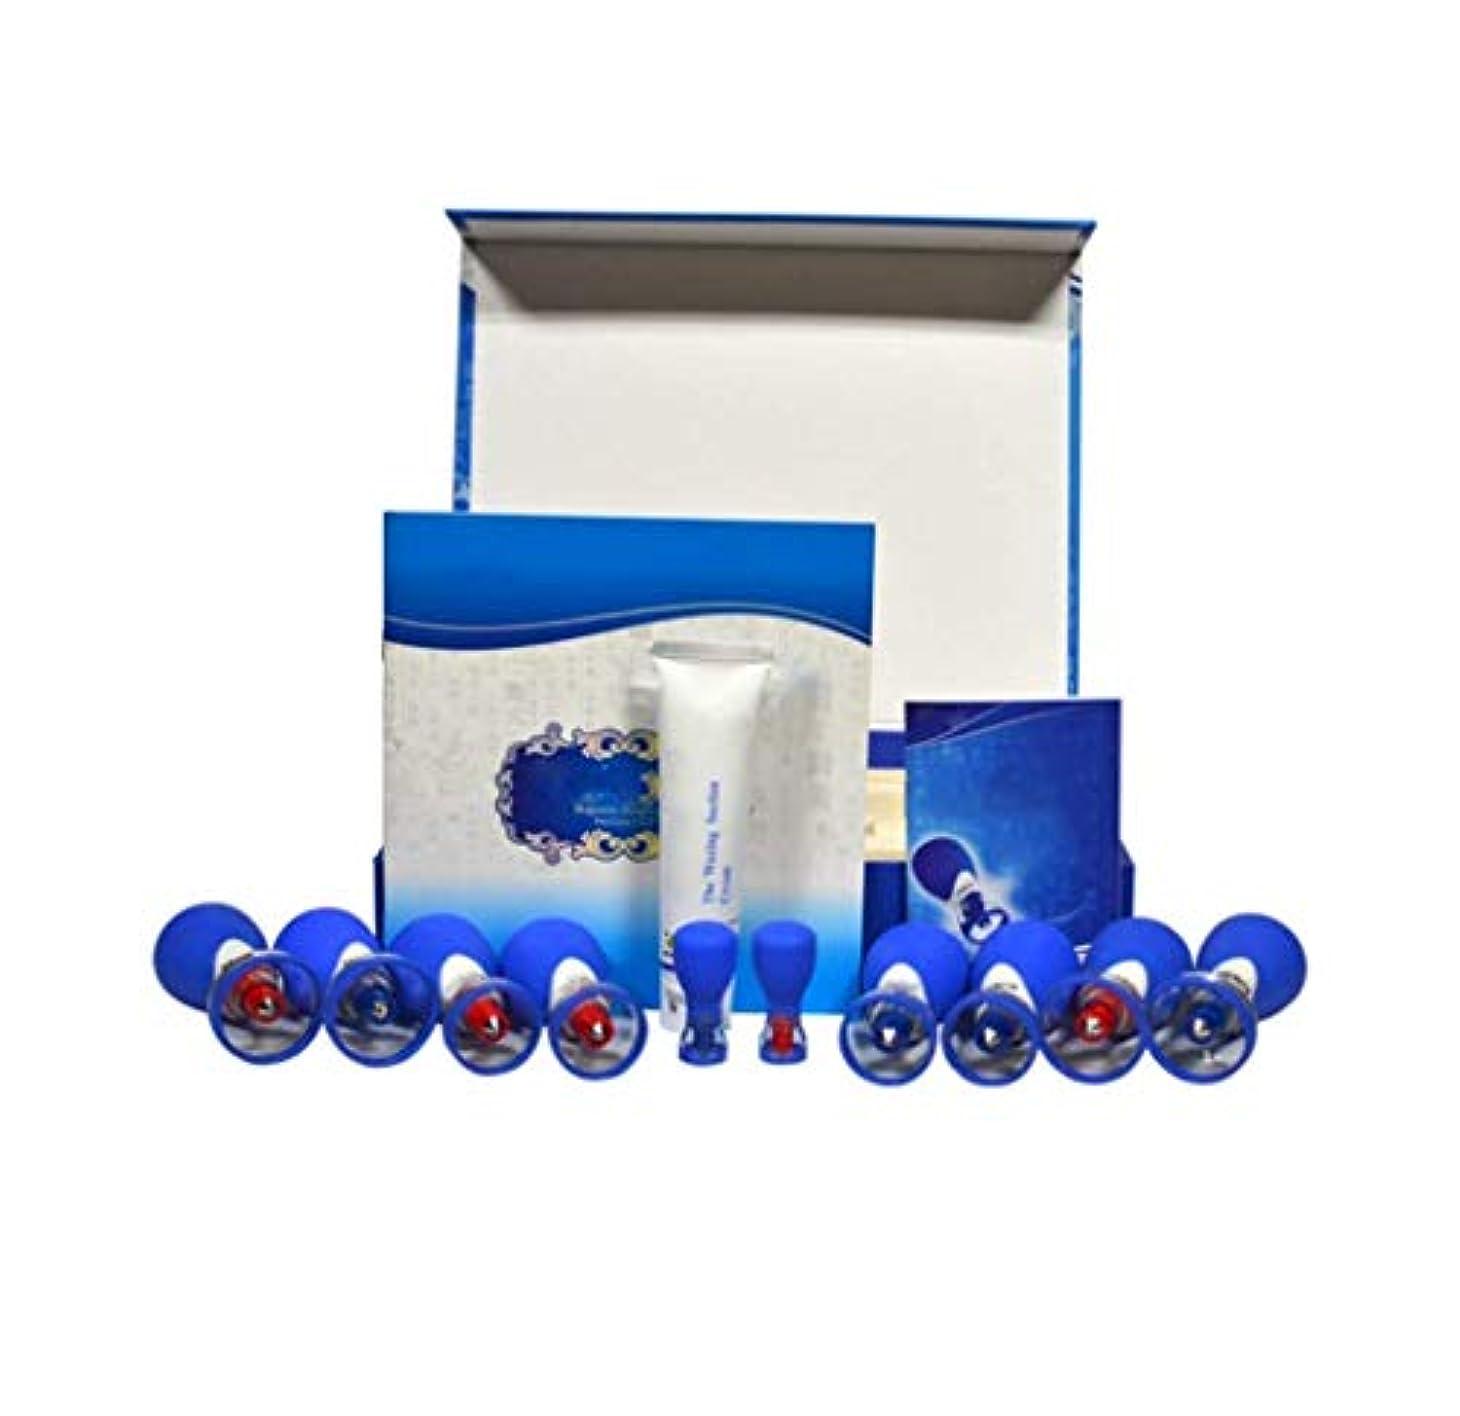 眠る気がついて統治する磁気カッピング、10カップ磁気指圧吸引カッピングセット、マッサージ筋肉関節痛の軽減